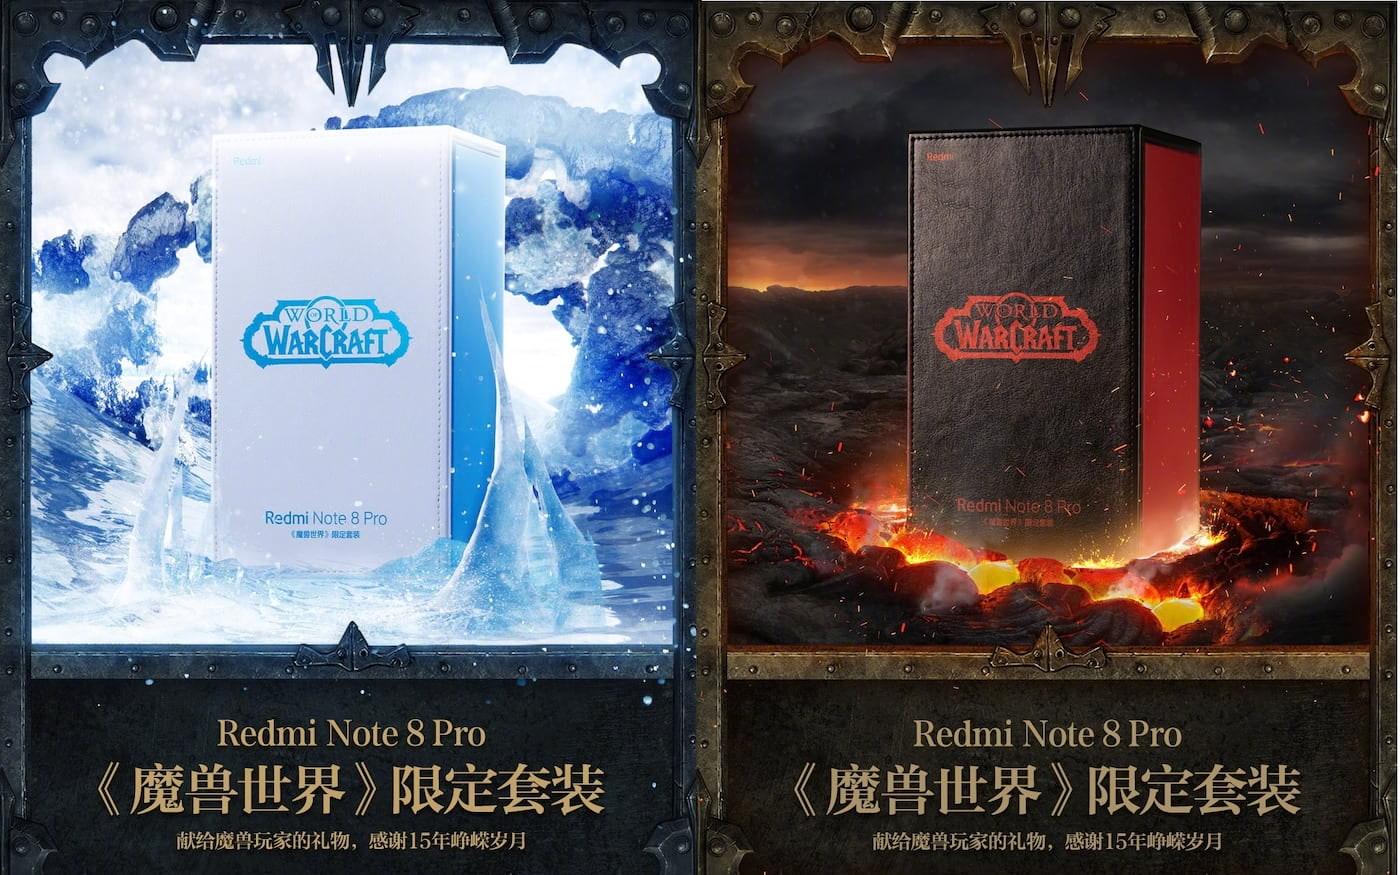 Edição especial de World of Warcraft para o Redmi Note 8 Pro